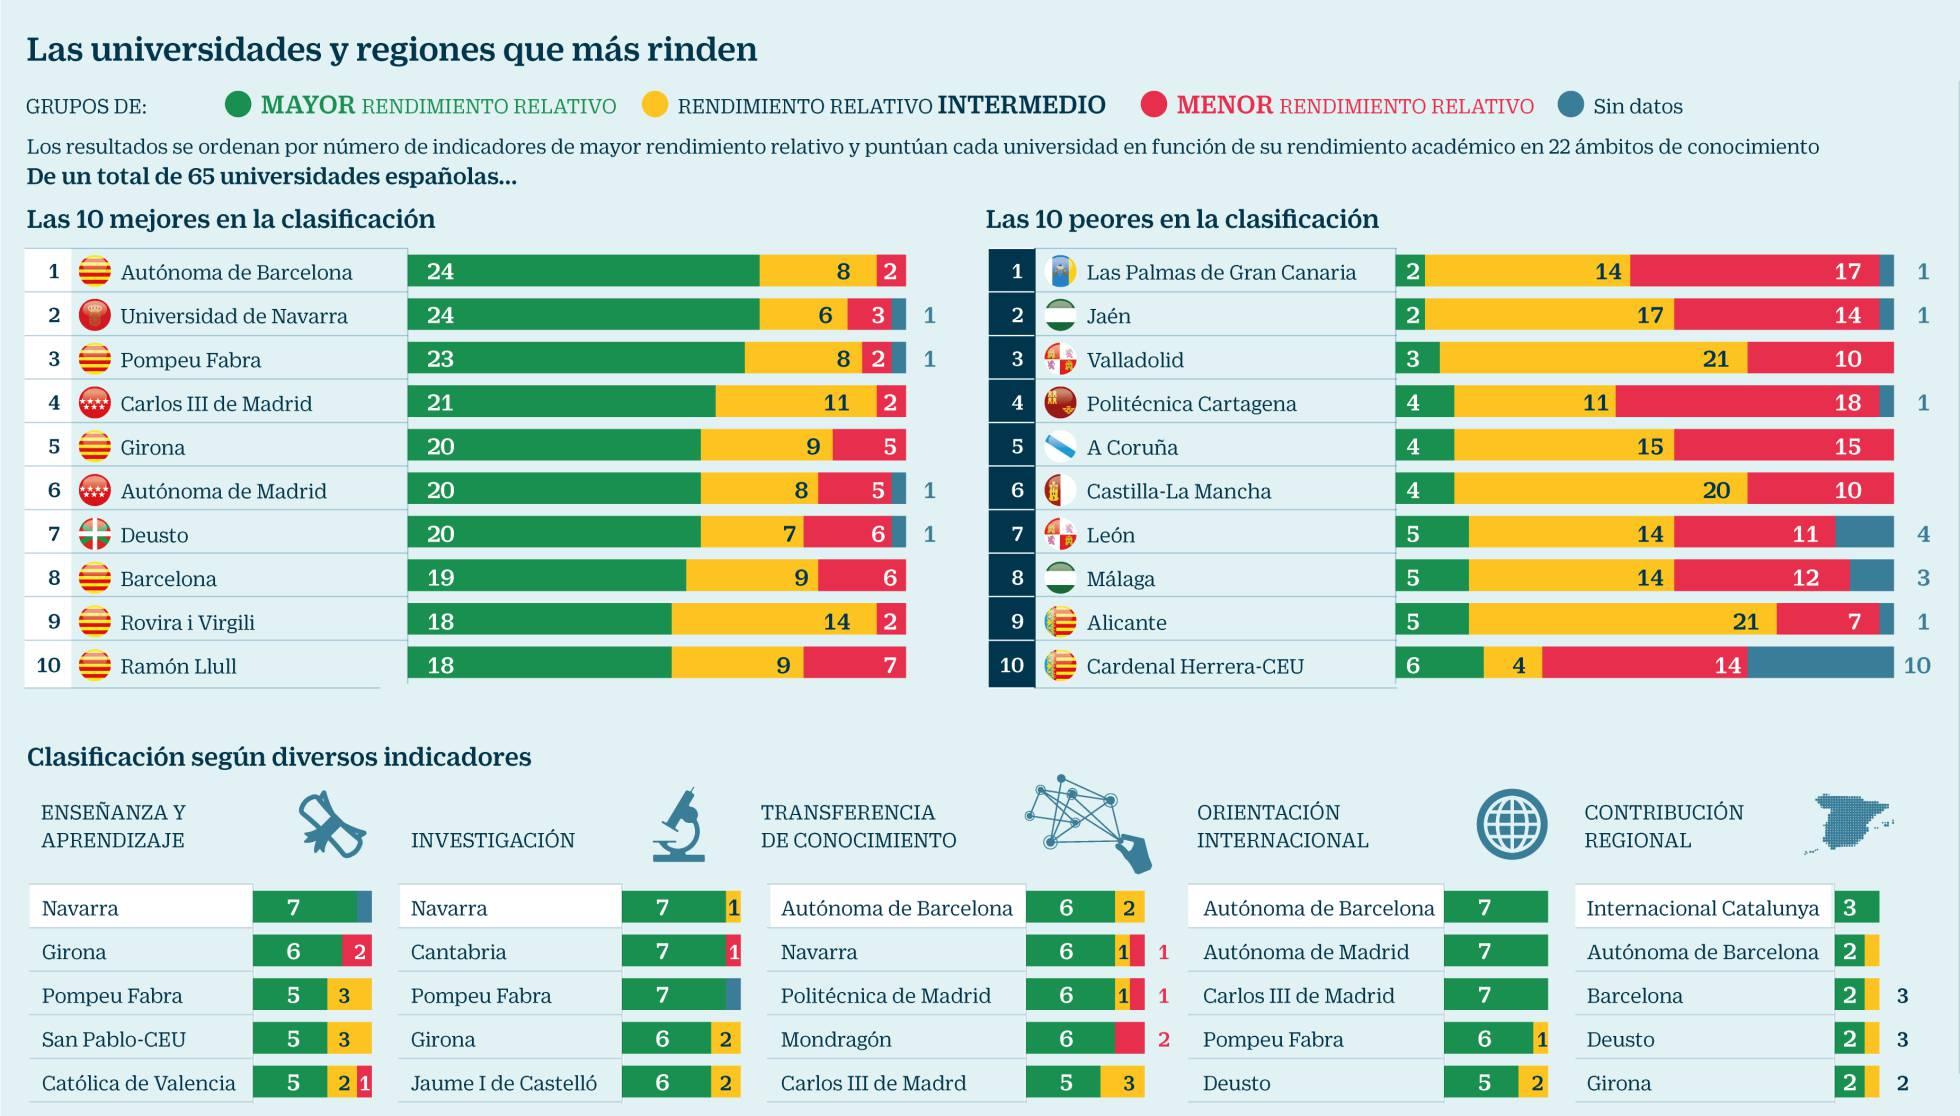 Situación de las Universidades españolas según el ranking CYD